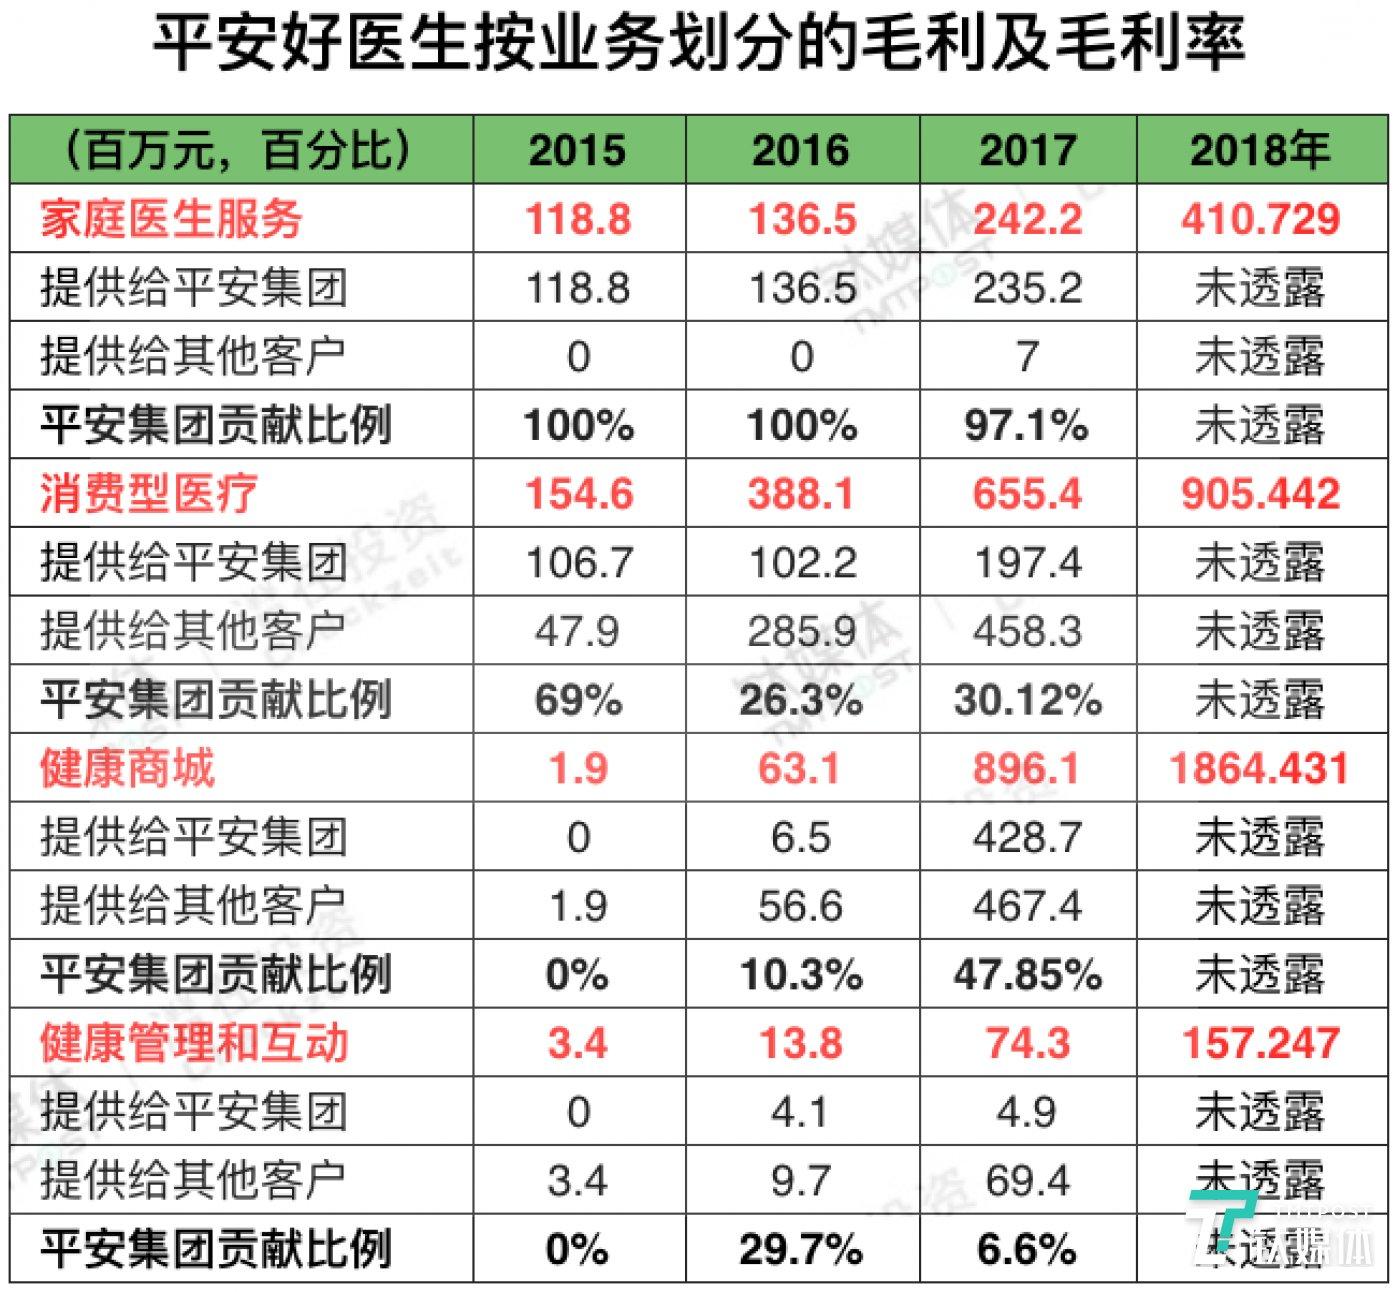 平安好医生2015-2018收入来源比例,数据来源:平安好医生招股书,制表/钛媒体 付梦雯